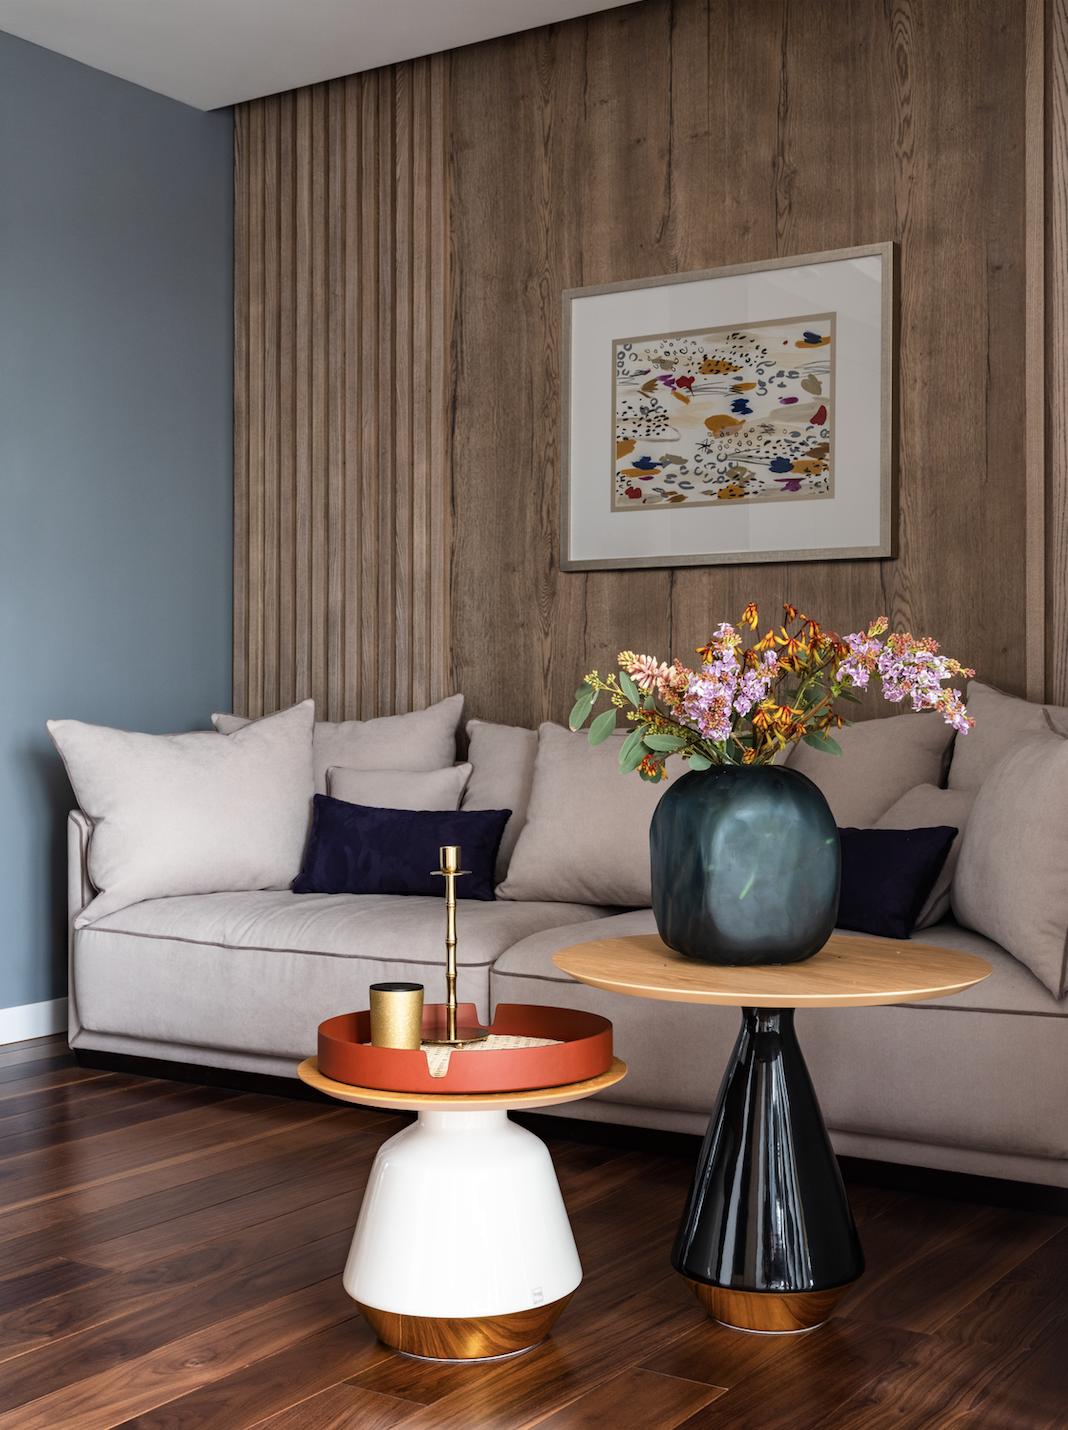 Квартира для молодой девушки в современном стиле с интересными деталями и яркими акцентами